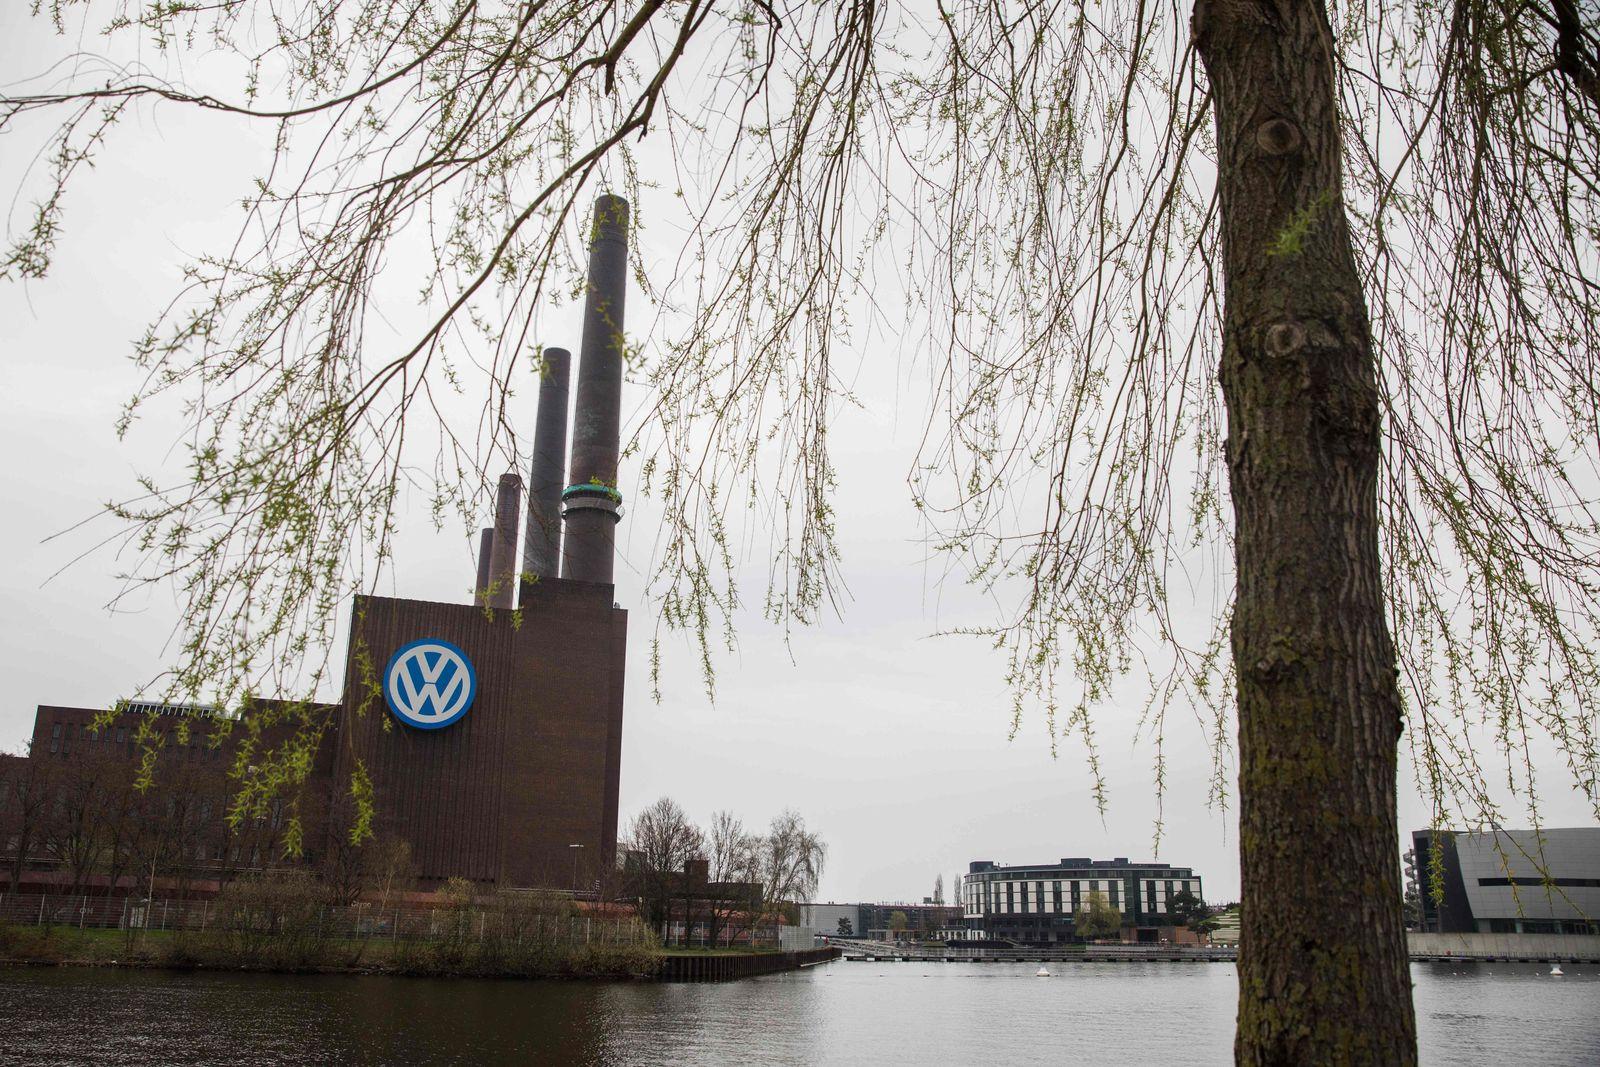 GERMANY-ECONOMY-AUTOMOBILE-VOLKSWAGEN